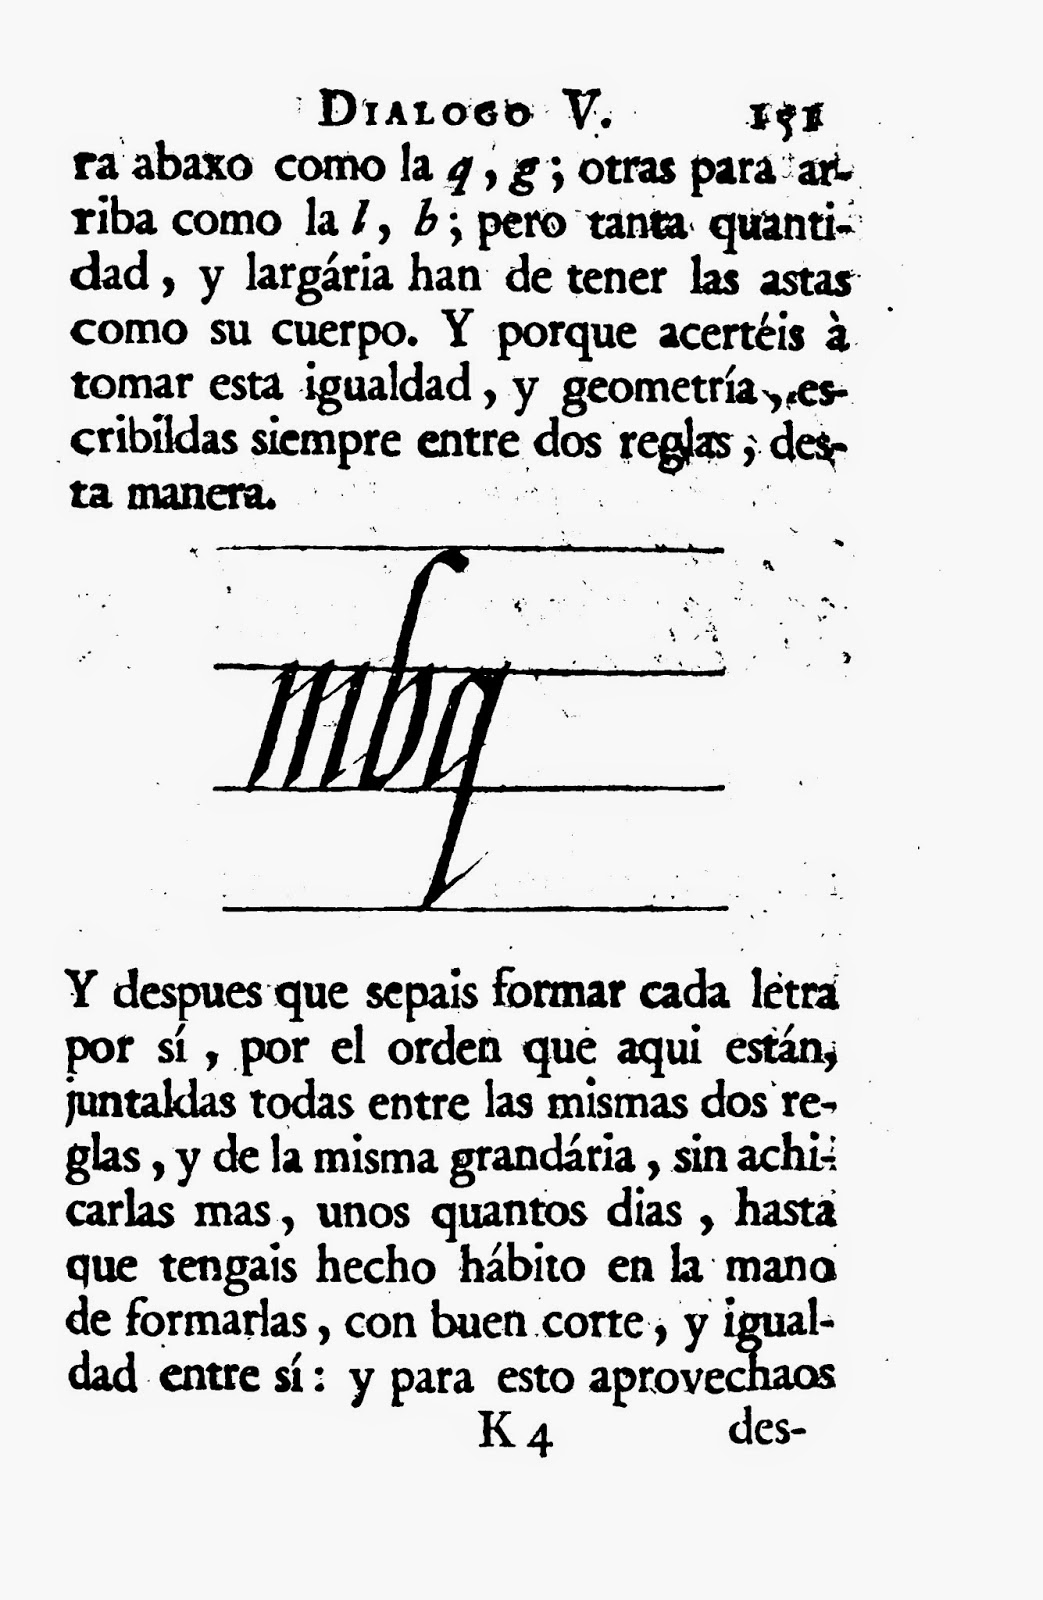 Arte de escribir (Pedro Madariaga) (1777).pdf 10.2 MB